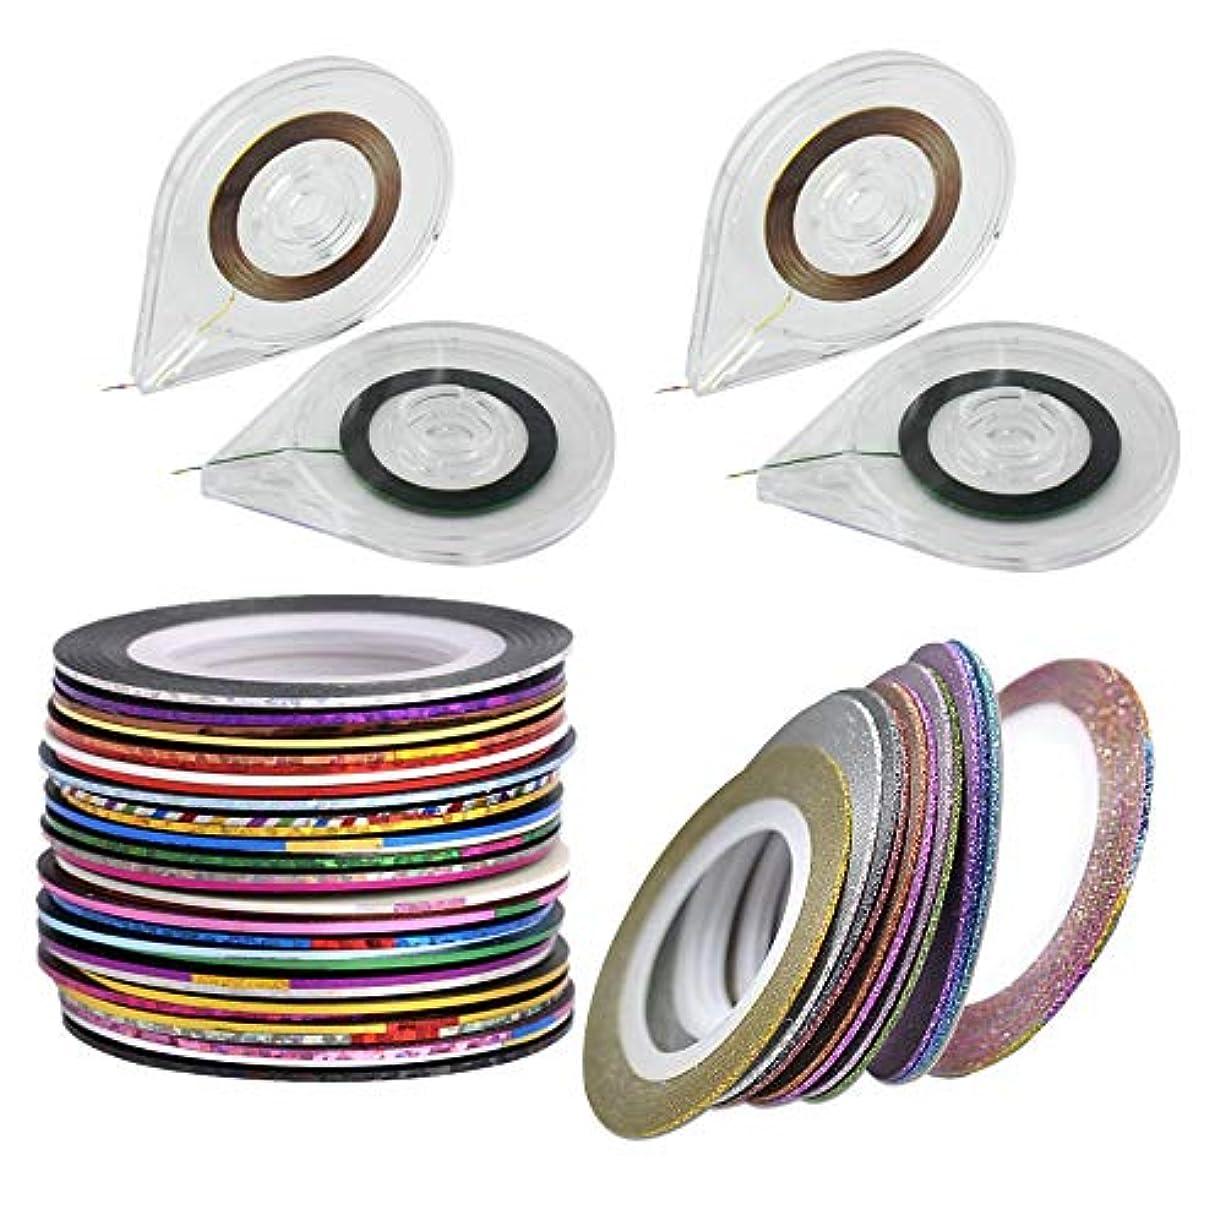 エクスタシー予測する間欠Kingsie ネイルアート用 ラインテープ 40色 幅1mm 専用ケース4個付き ラインアートテープ レーザーラインテープ ジェルネイル ネイルパーツ デコパーツ